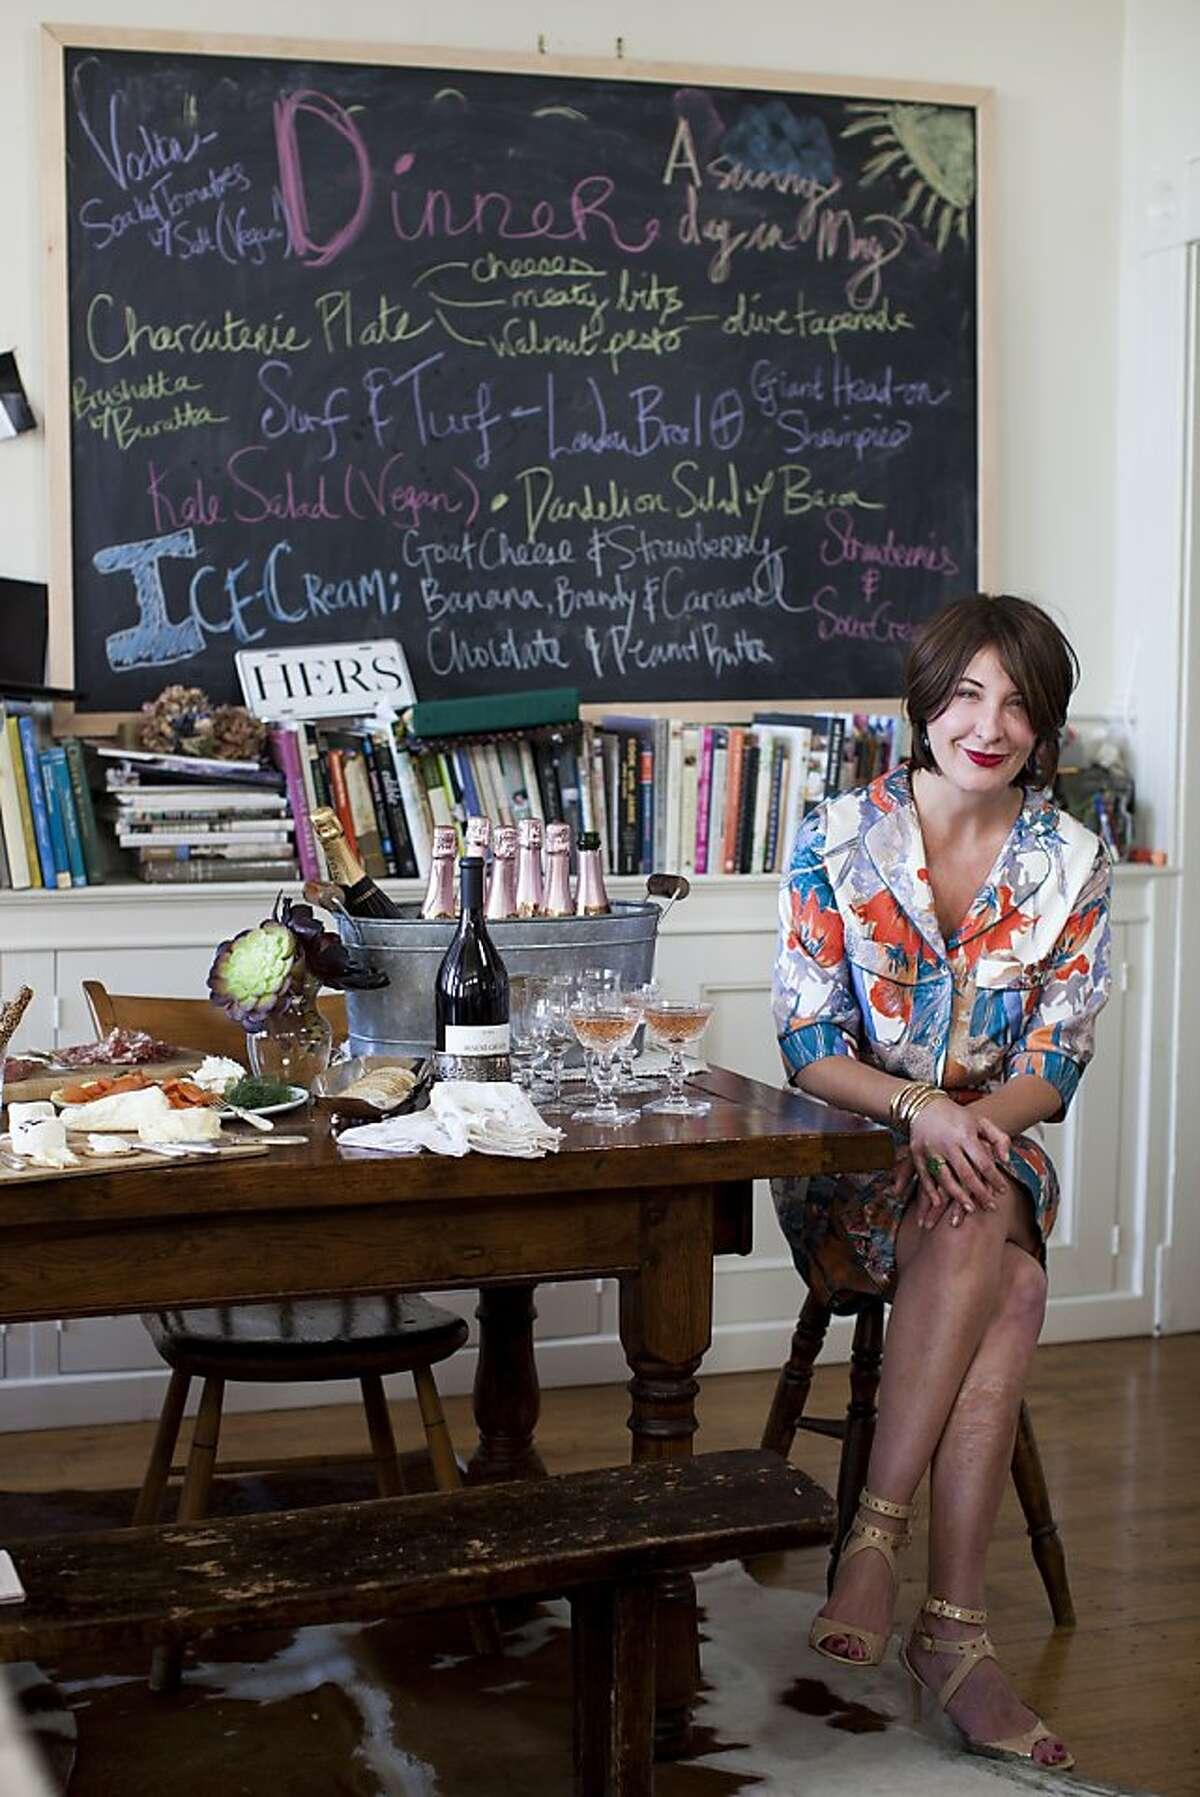 LivingMacTavish founder Susan MacTavish Best stand for a portrait at her home in San Francisco, Calif. on Thursday, May 24, 2012.